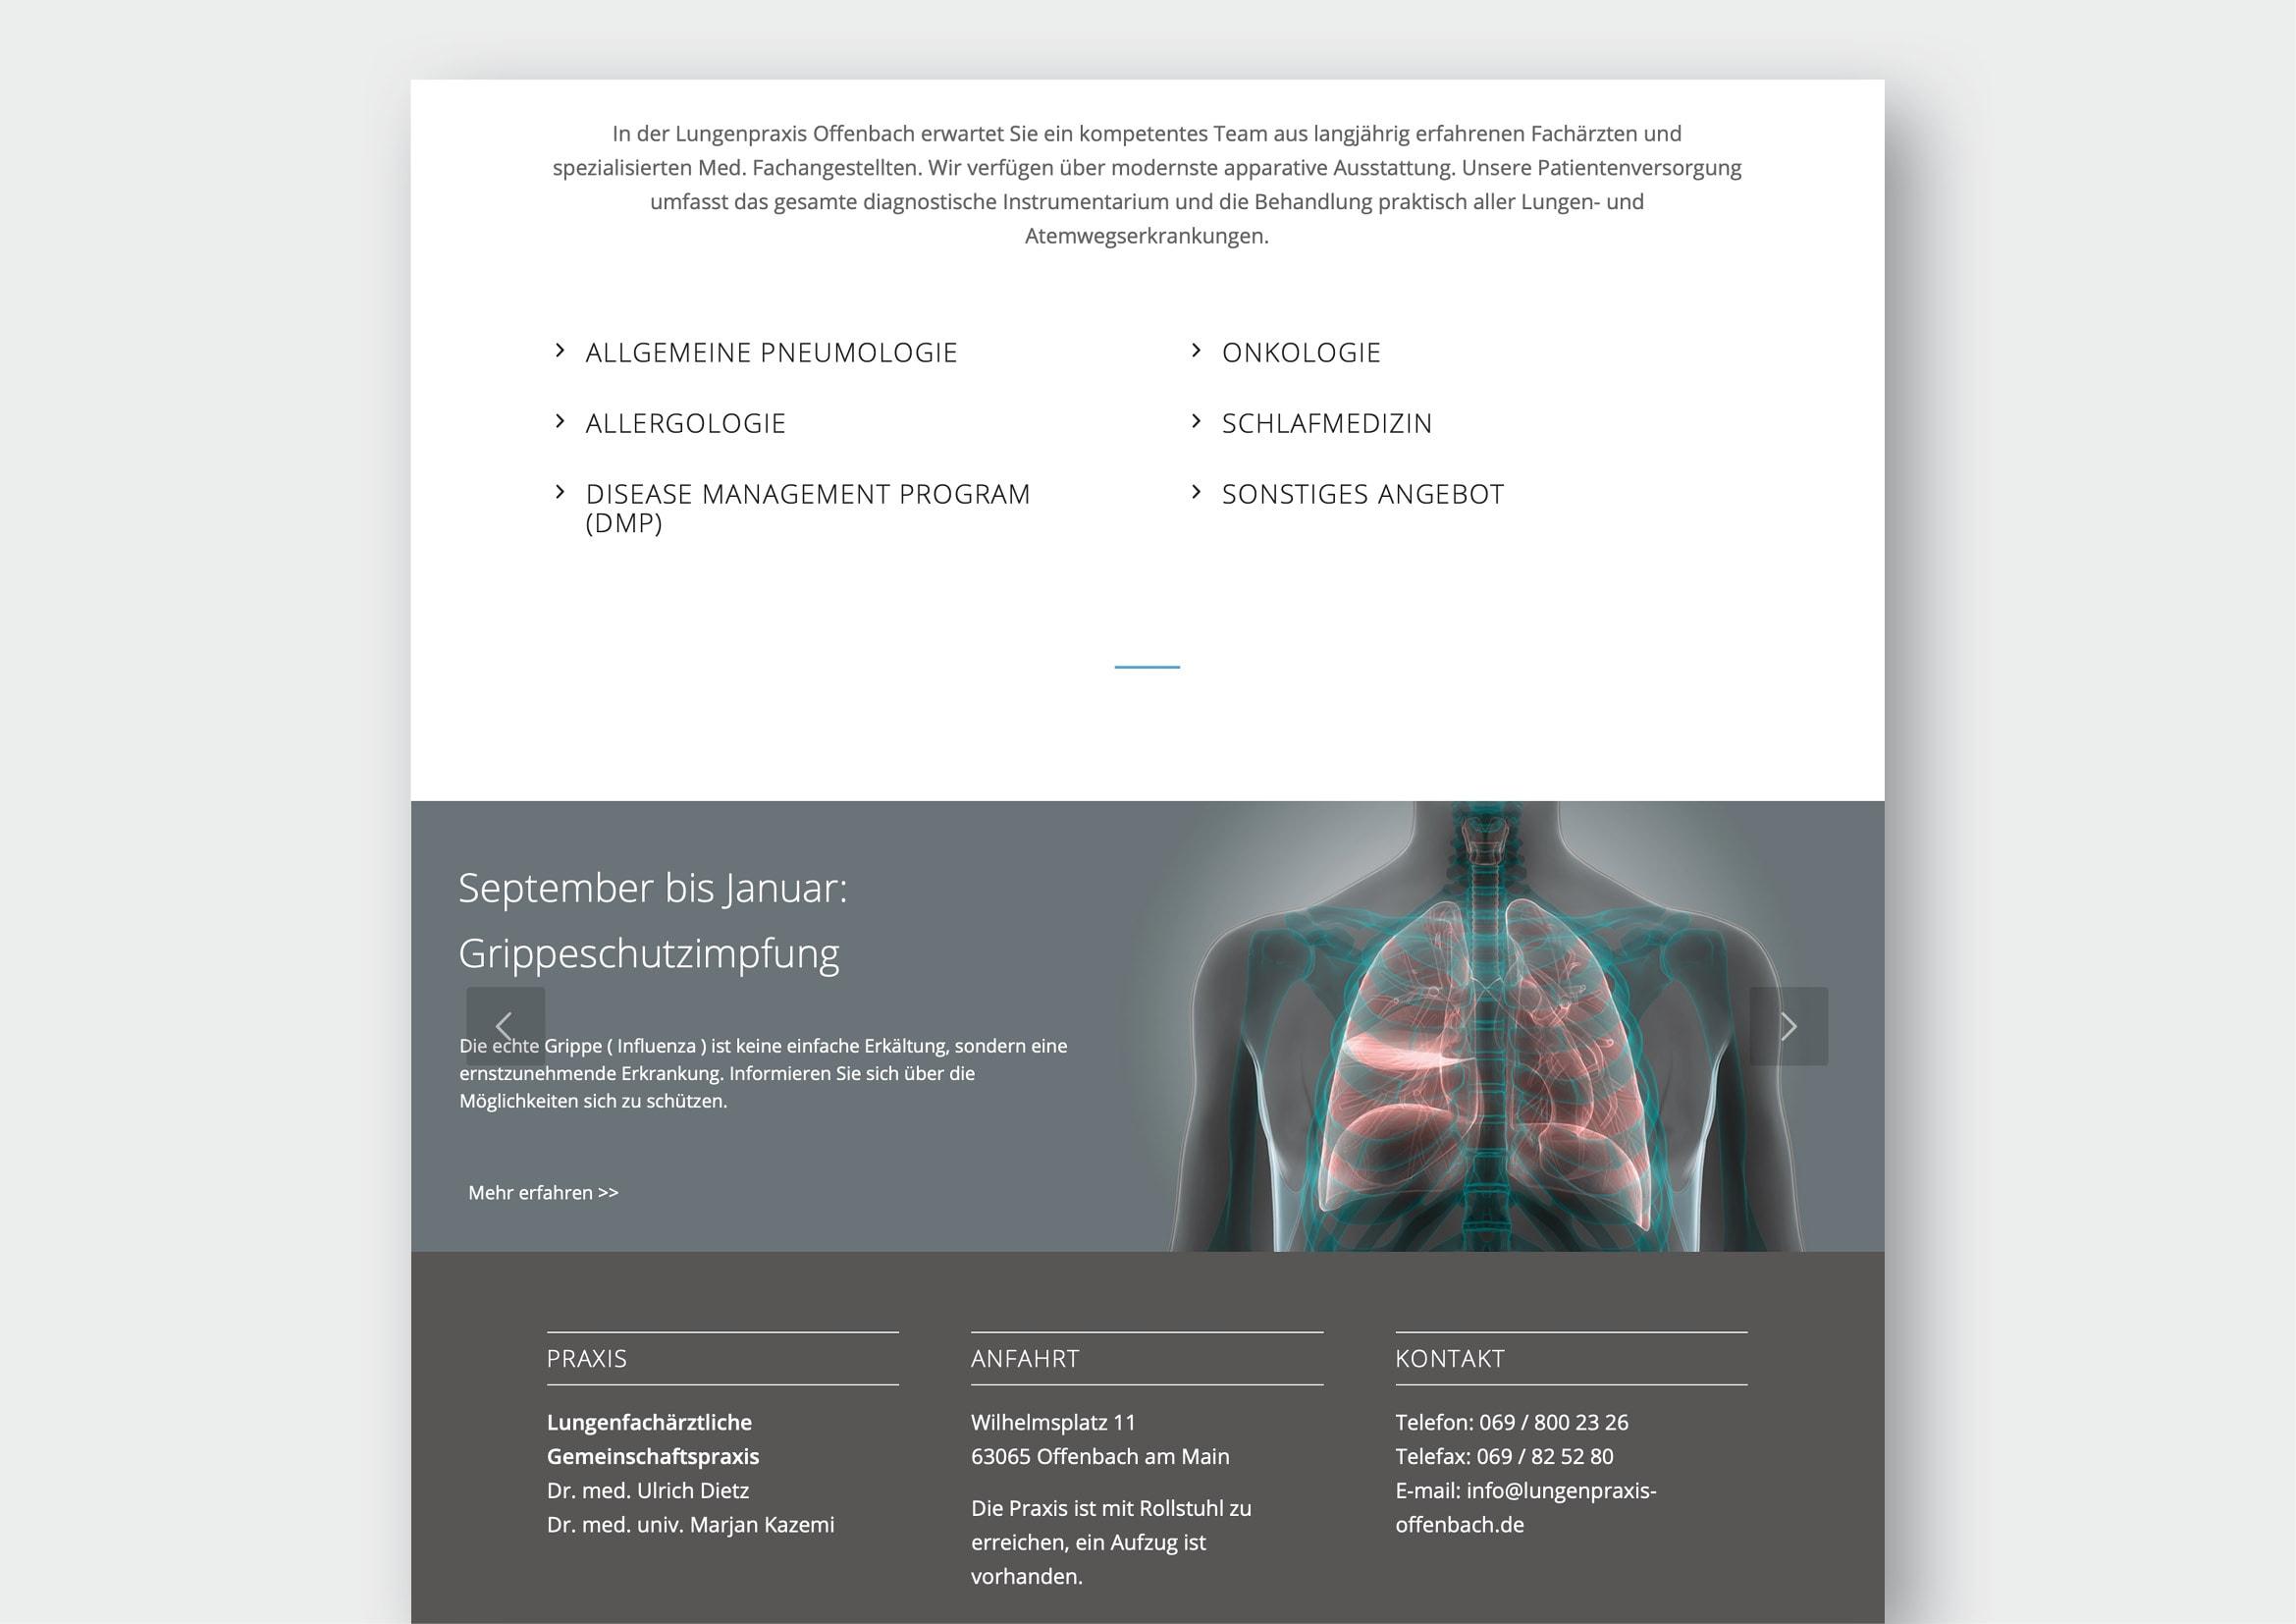 Webdesign und Programmierung einer modernen Praxishomepage, sowie Corporate Design Entwicklung für das Lungenzentrum Offenbach durch Ronald Wissler Visuelle Kommunikation